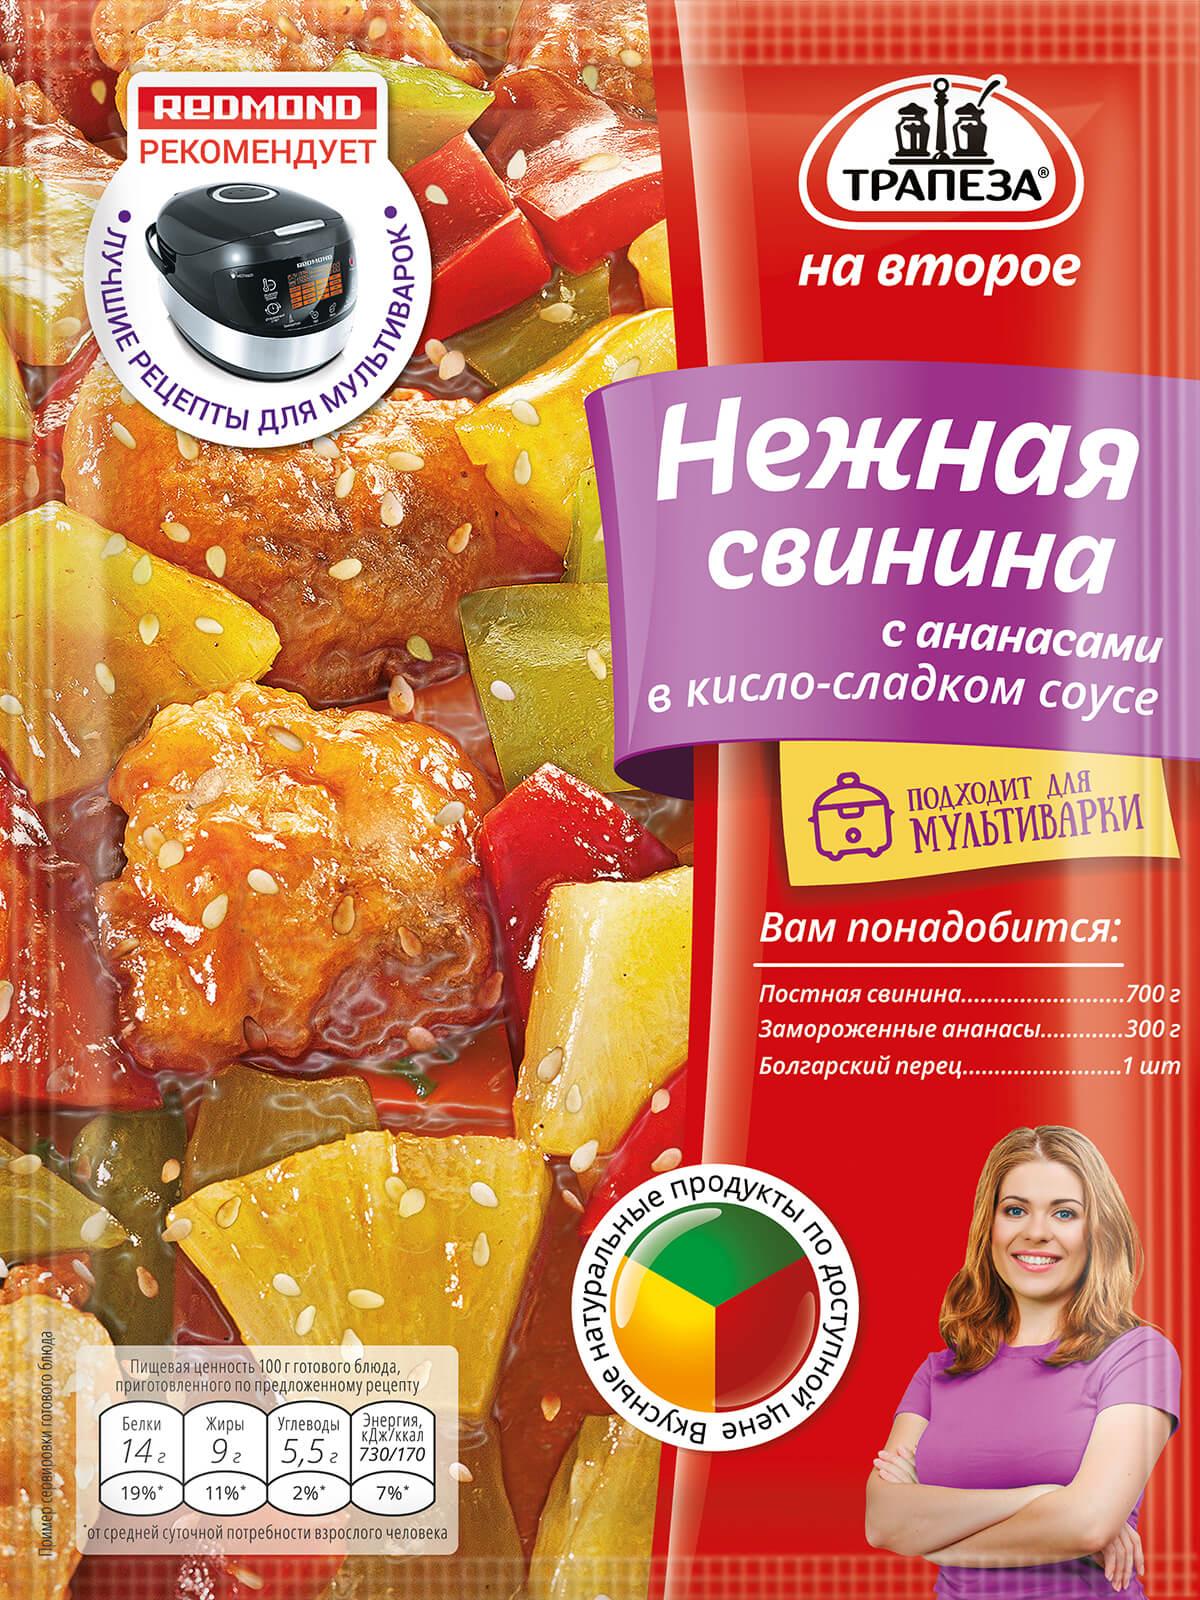 Трапеза на второе Смесь сухая для приготовления нежной свинины с ананасами в кисло-сладком соусе